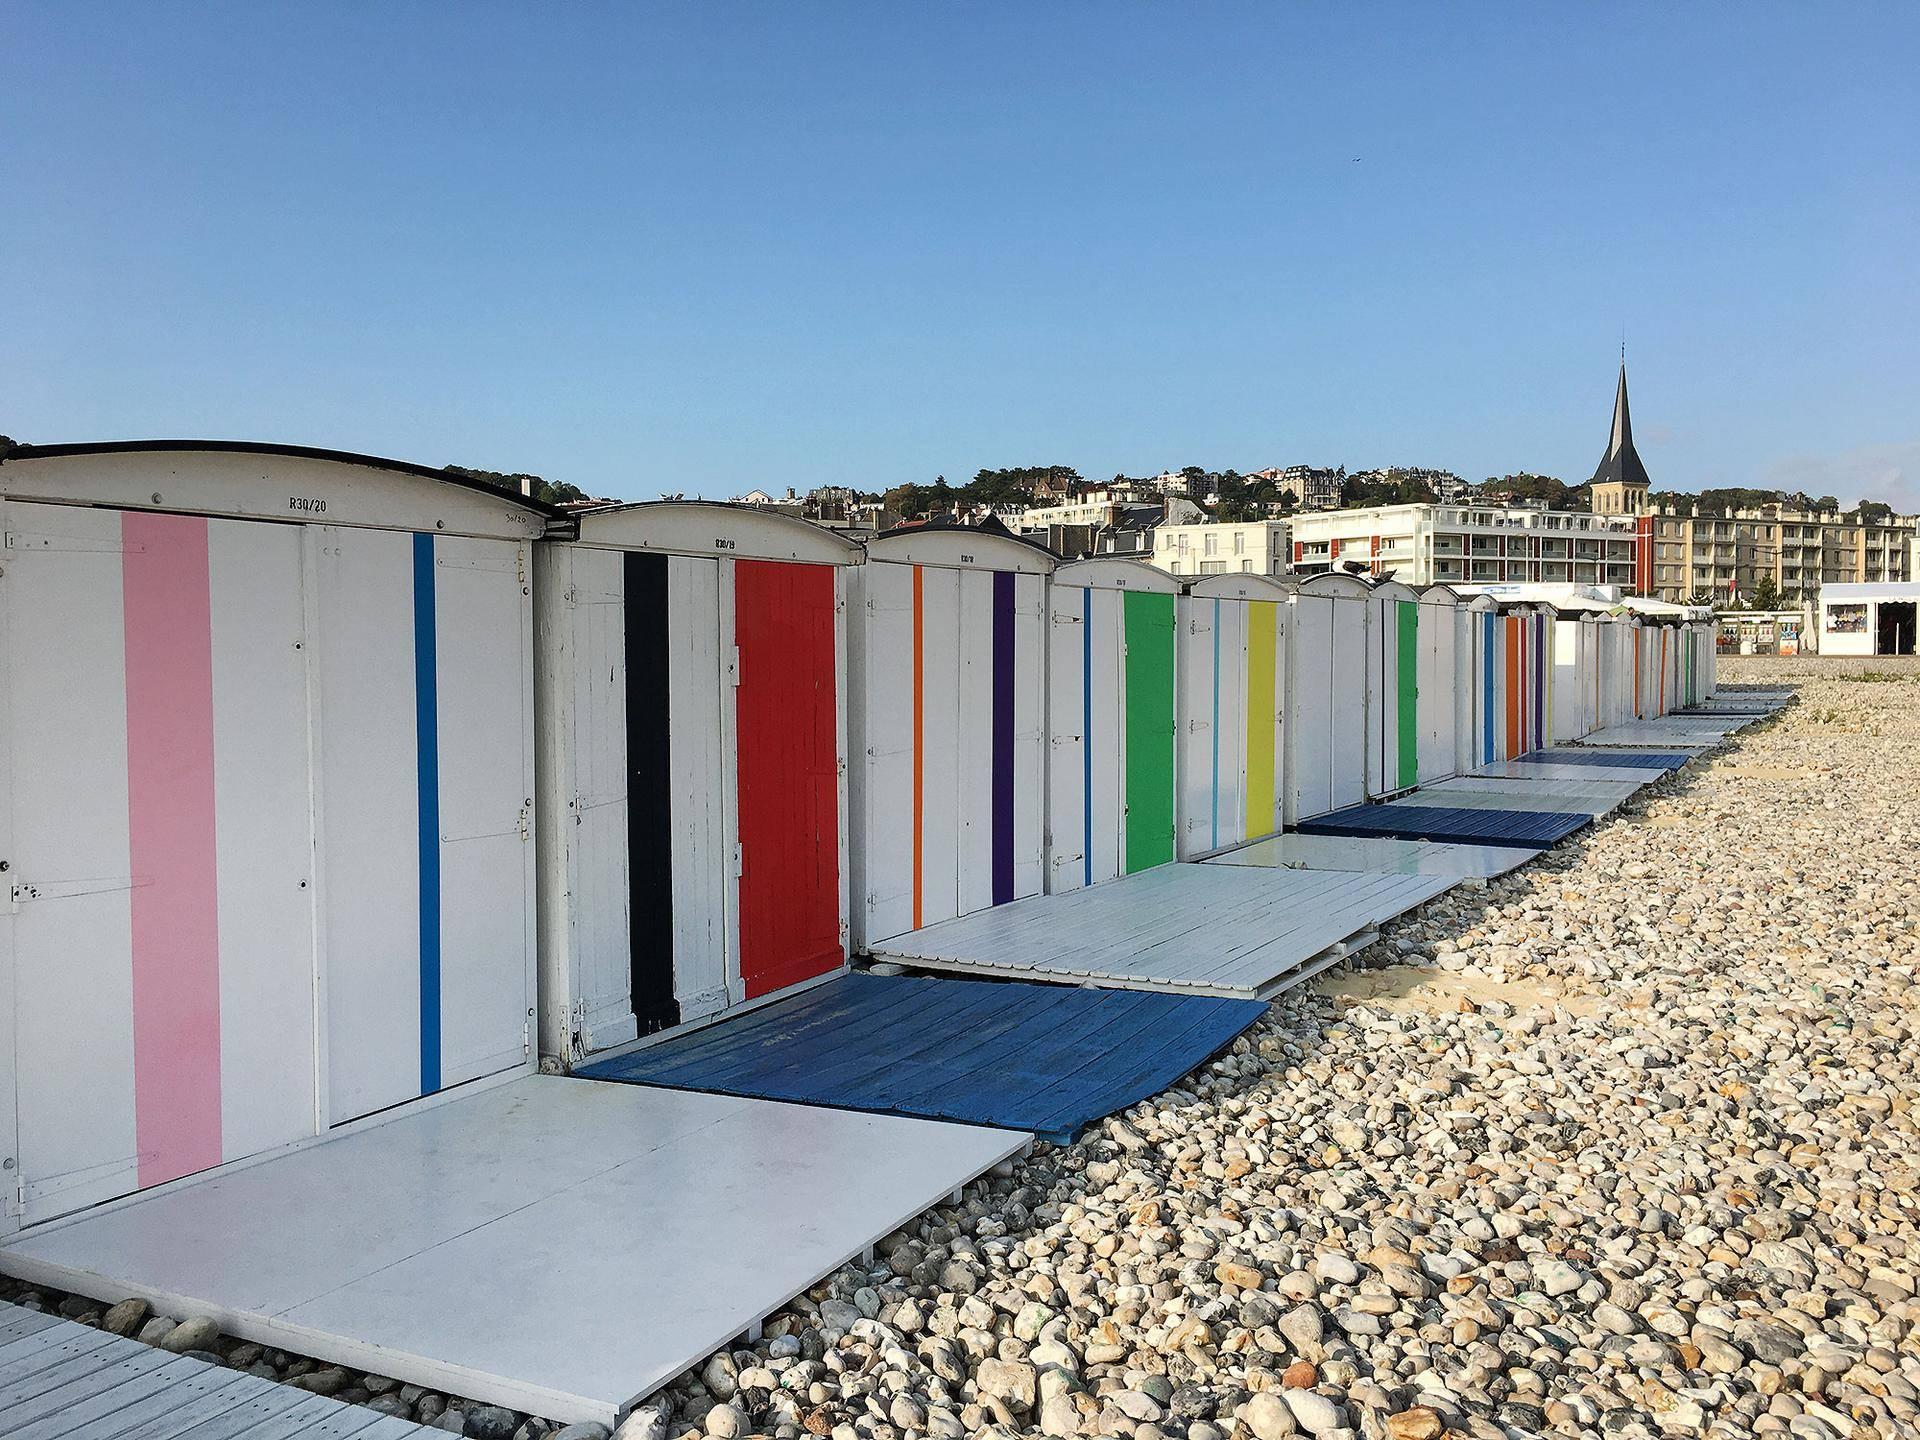 Cabines coloridas de Le Havre